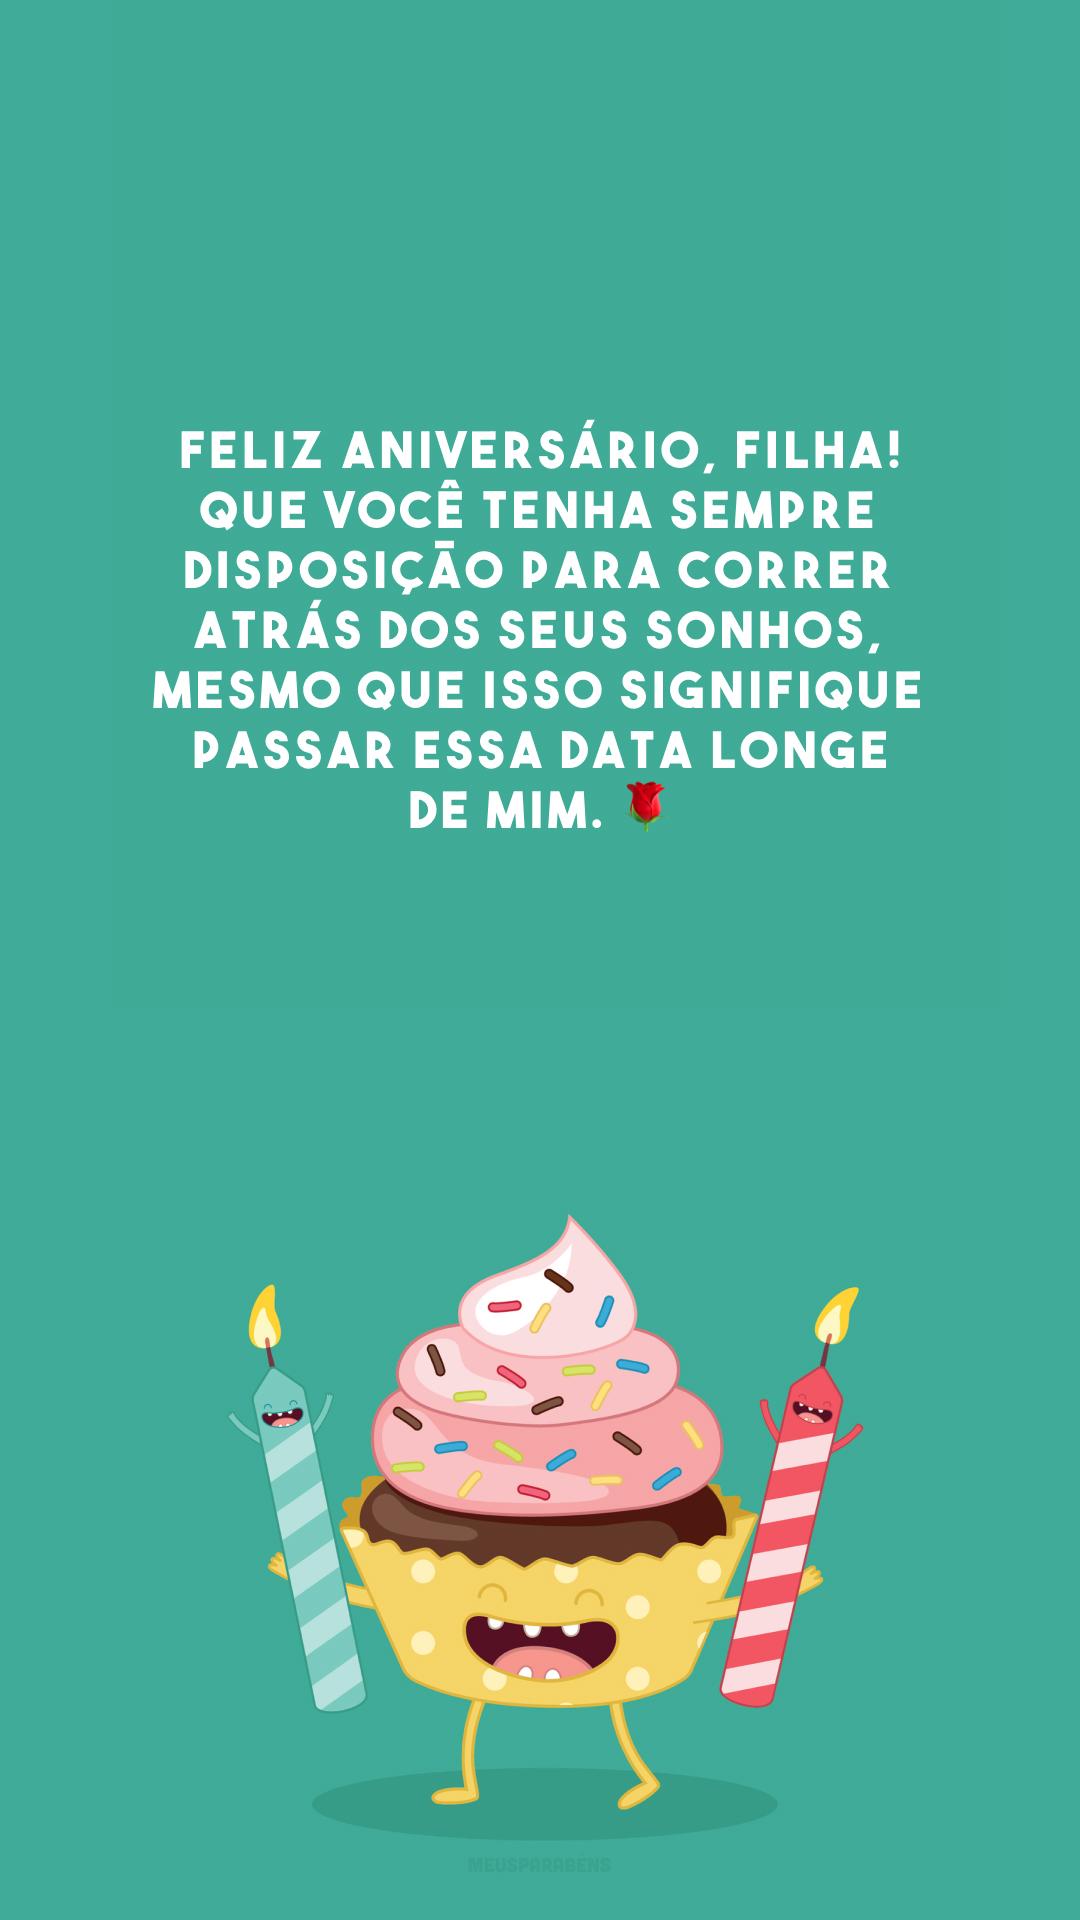 Feliz aniversário, filha! Que você tenha sempre disposição para correr atrás dos seus sonhos, mesmo que isso signifique passar essa data longe de mim. 🌹